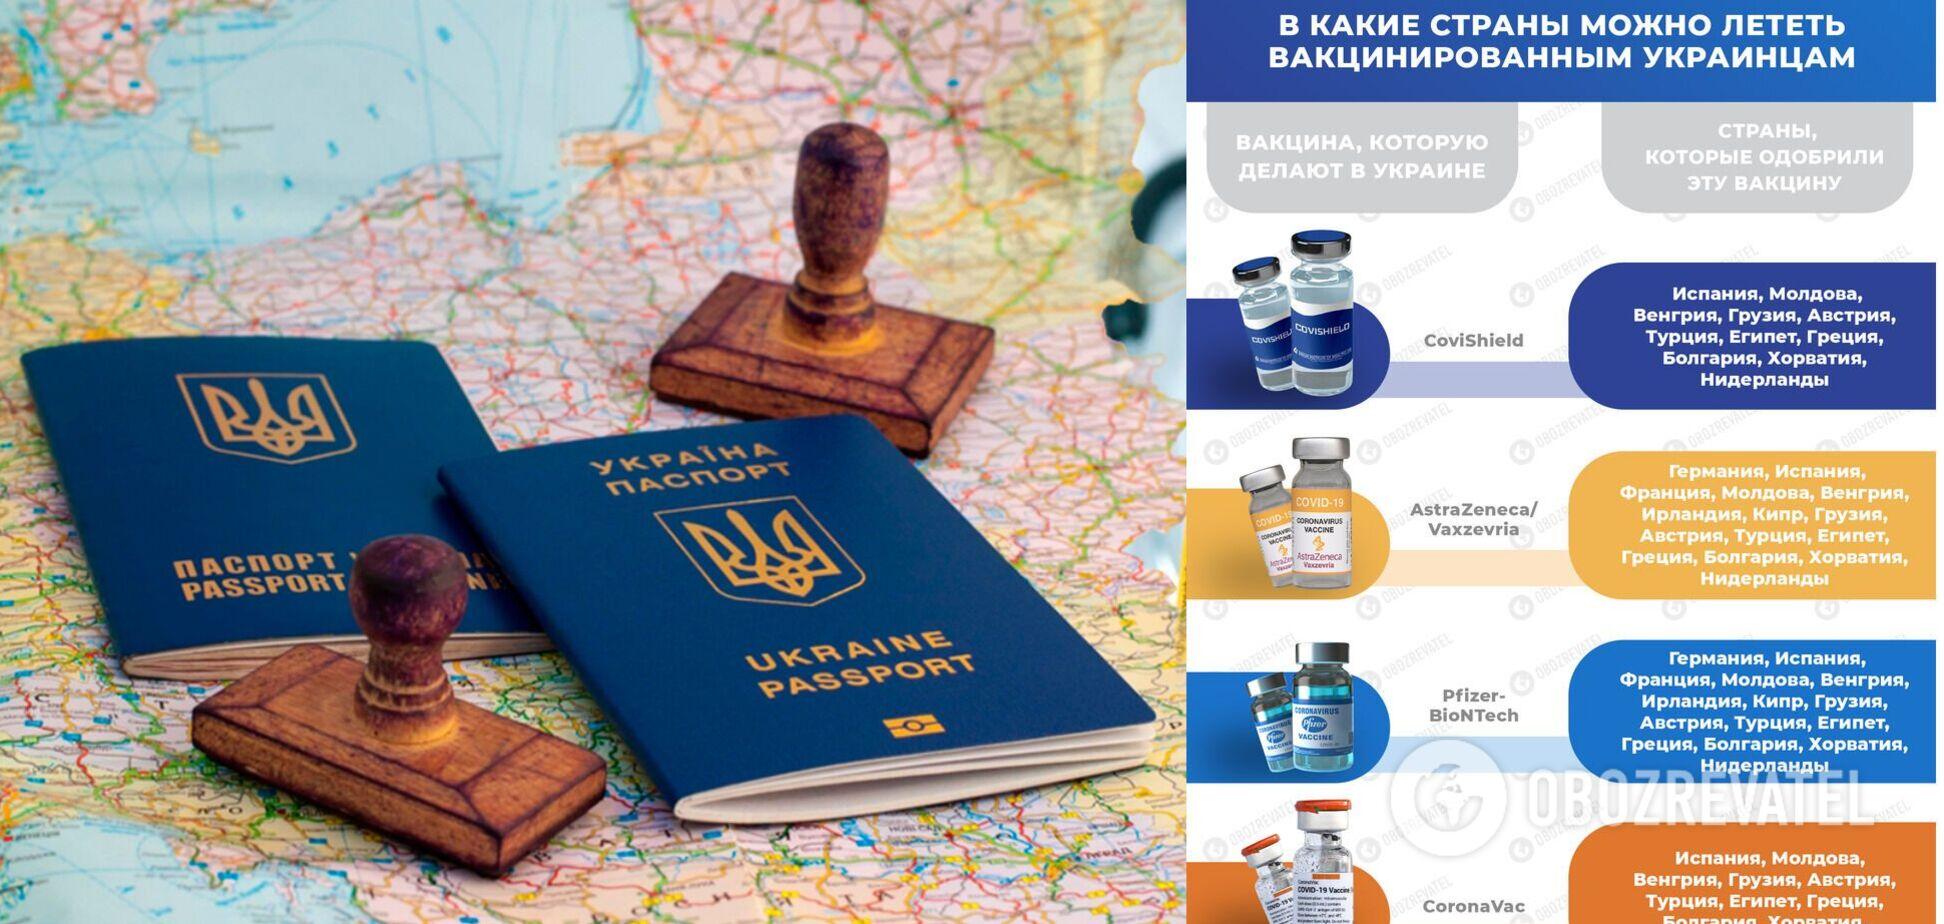 Де зможуть відпочити вакциновані українці без здачі ПЛР: список країн. Інфографіка